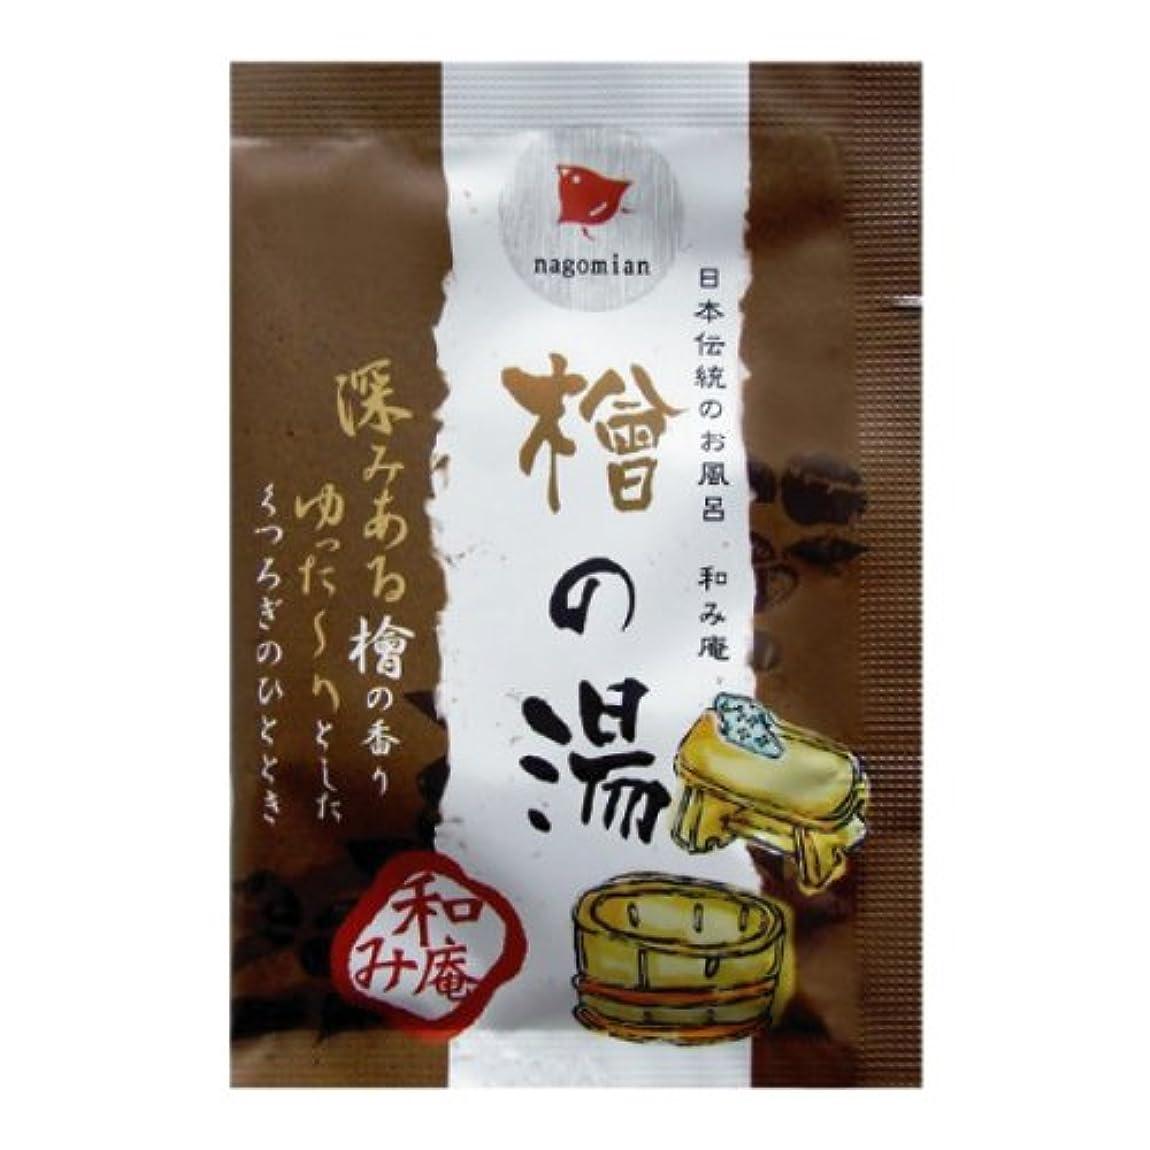 動かす今まで狼日本伝統のお風呂 和み庵 檜の湯 200包